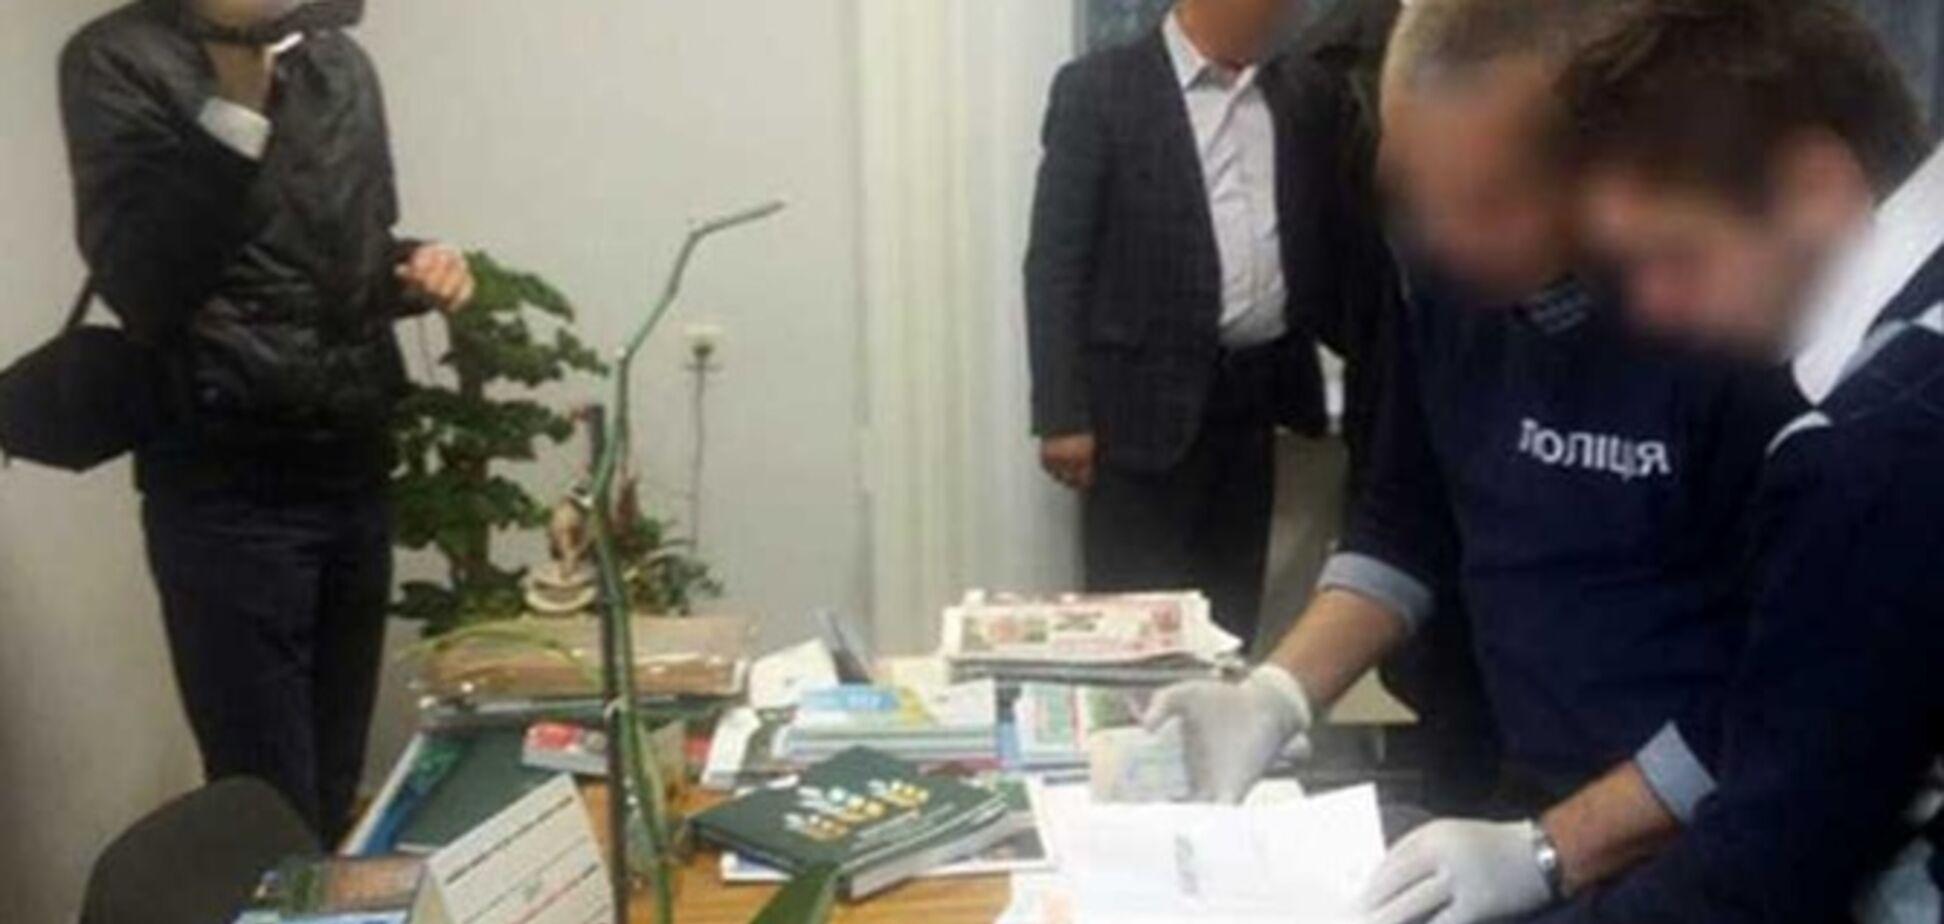 Руководителя одного из филиалов Академии аграрных наук взяли на взятке на второй день работы